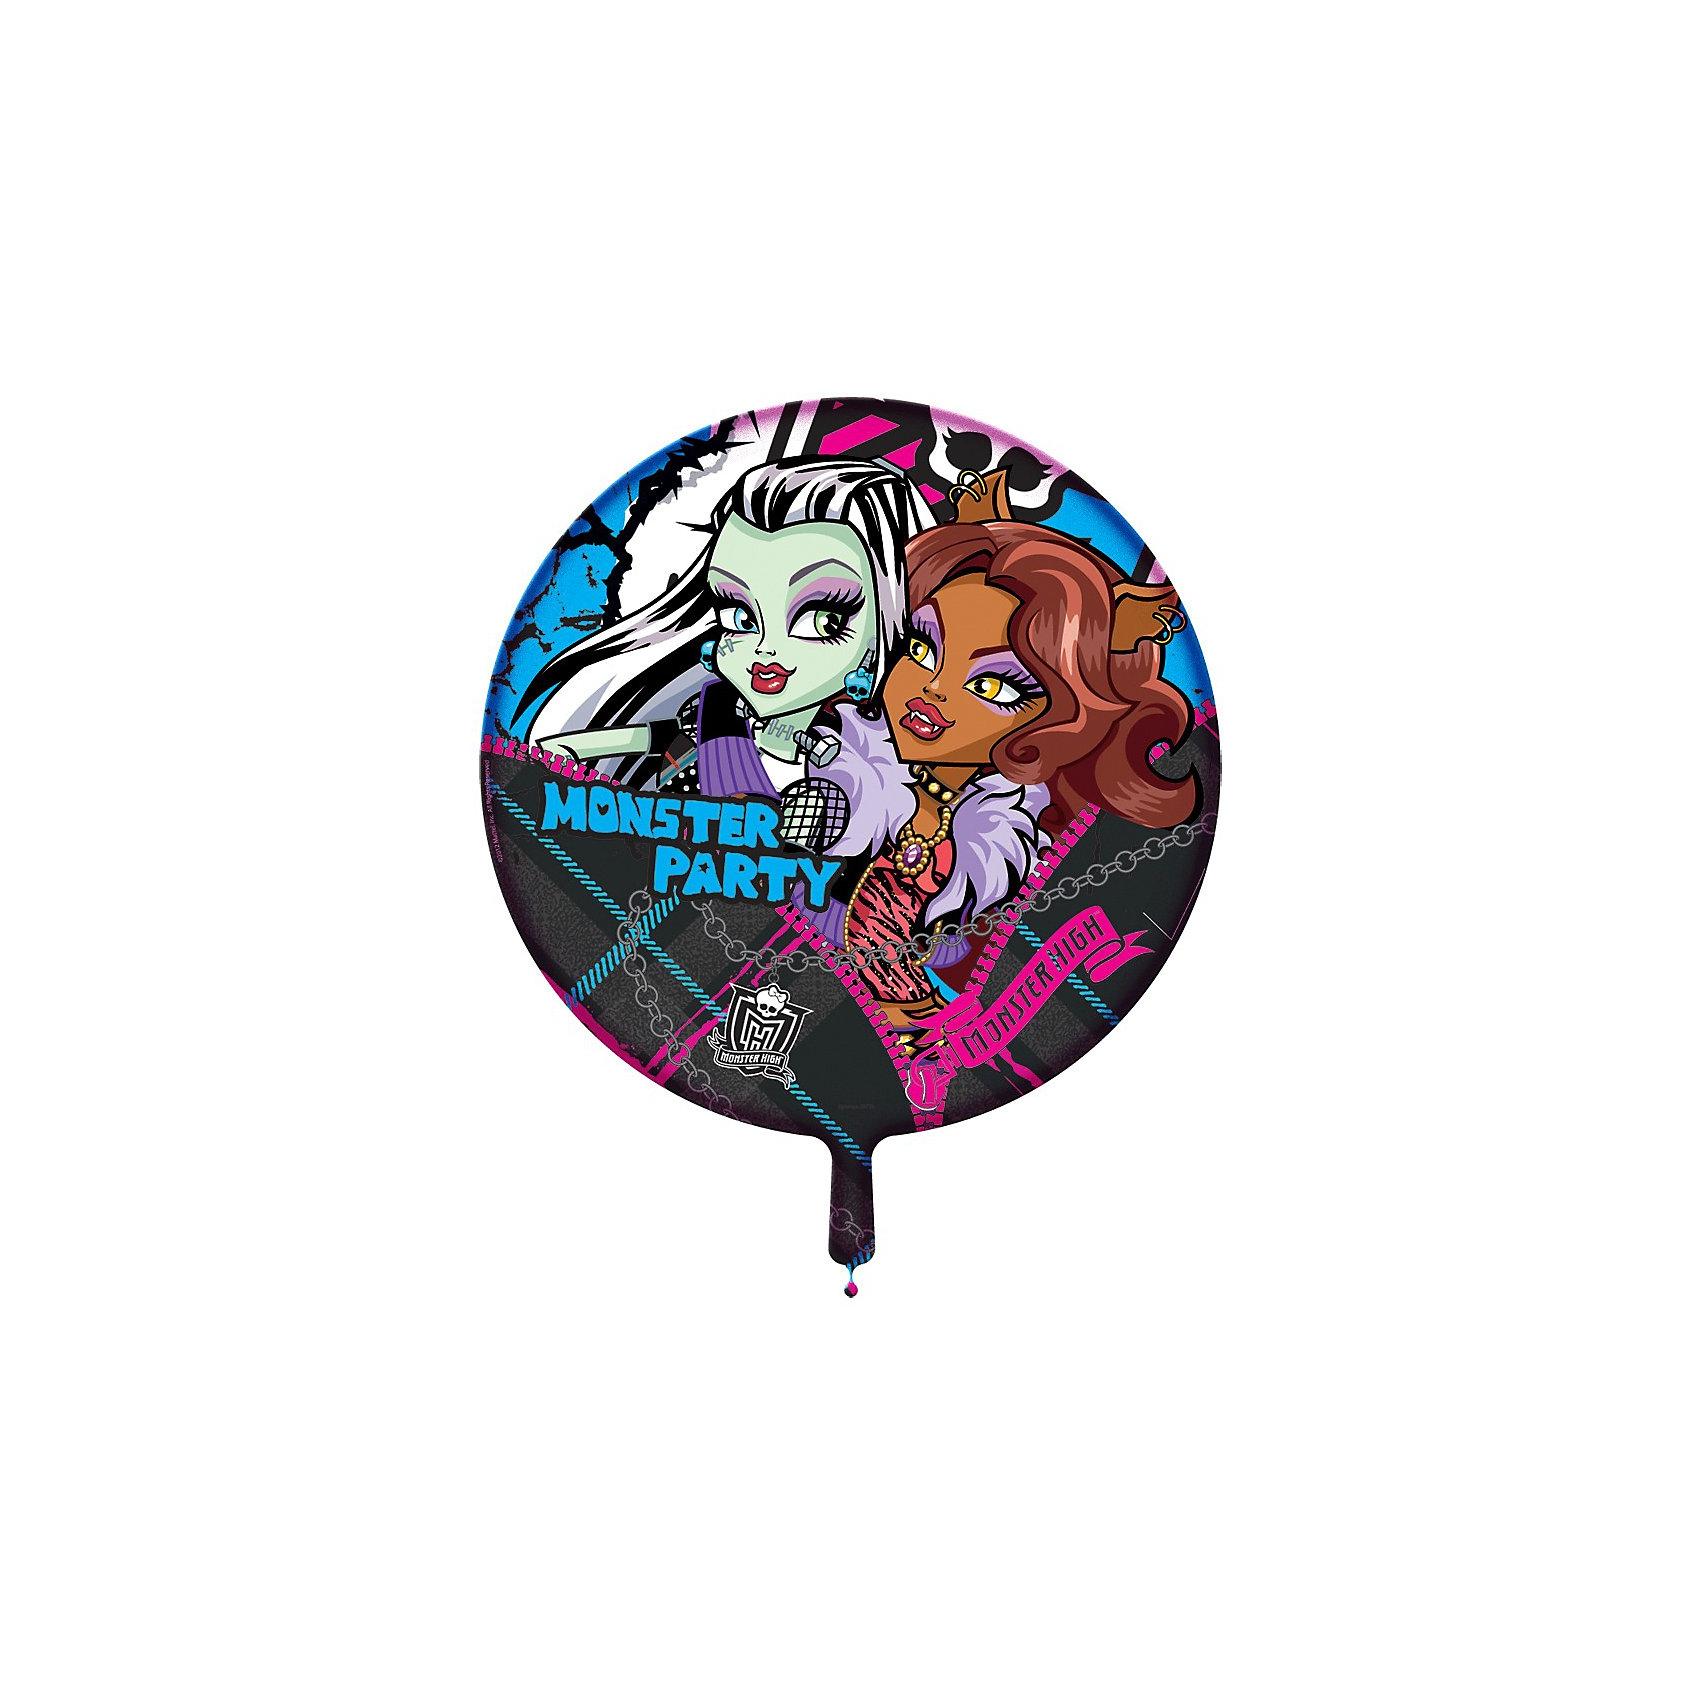 Росмэн Шар надувной Вечеринка Монстров, Monster High росмэн наклейки 2 monster high